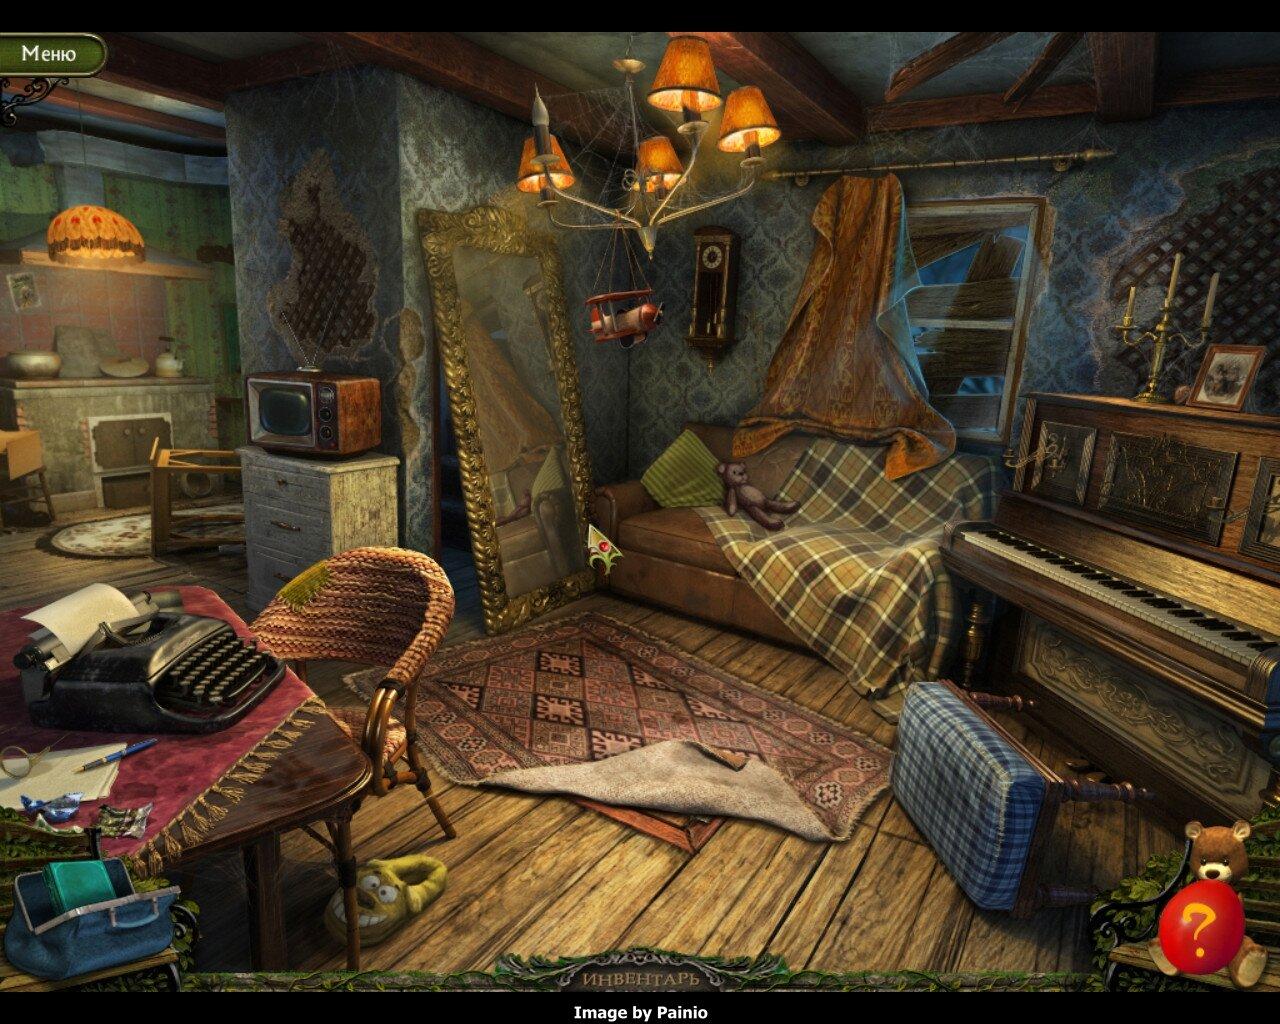 Страшные игры для взрослых на русском языке, Страшные игры онлайн - играть бесплатно 10 фотография